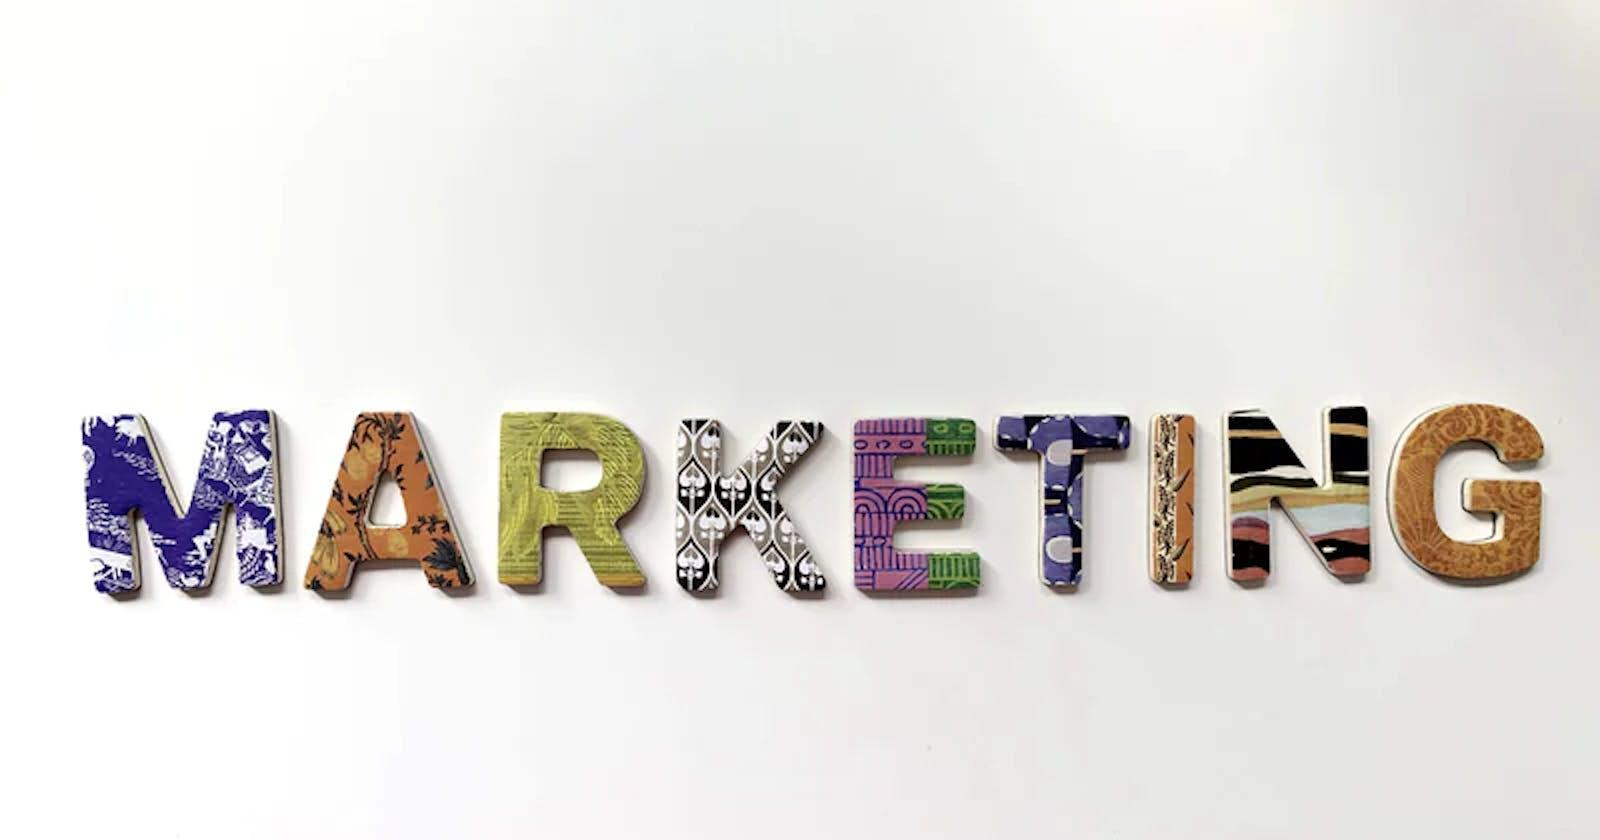 面向独立开发者和初创公司的营销